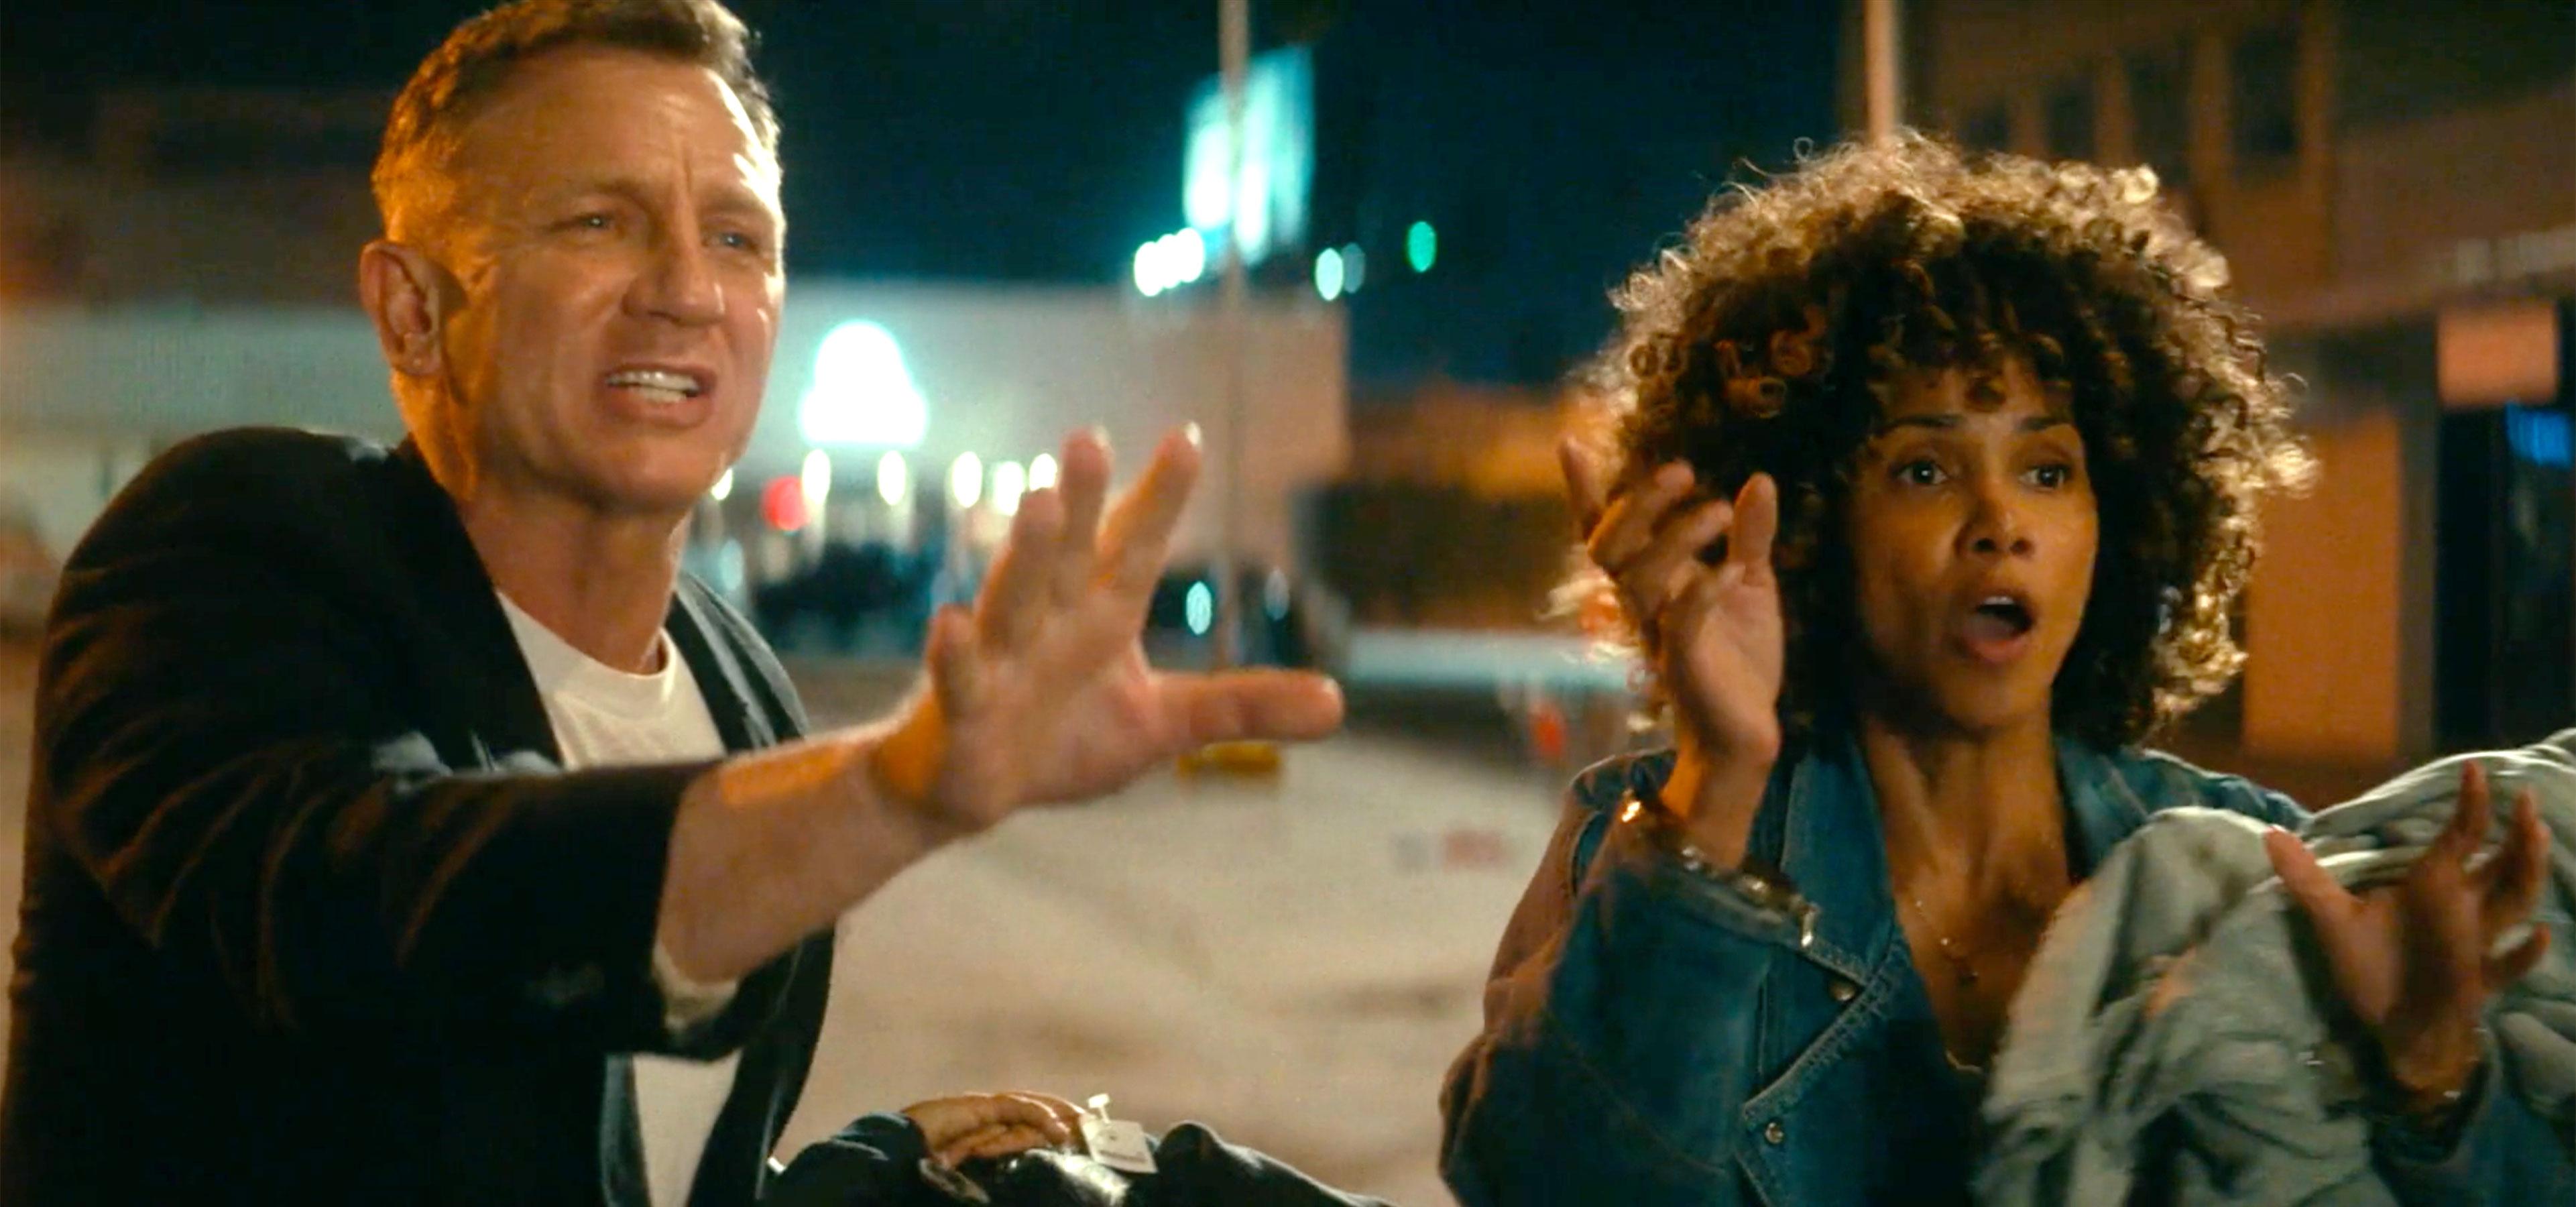 Дэниэл Крэйг и Холли Берри в трейлере «Лос-Анджелеса в огне»